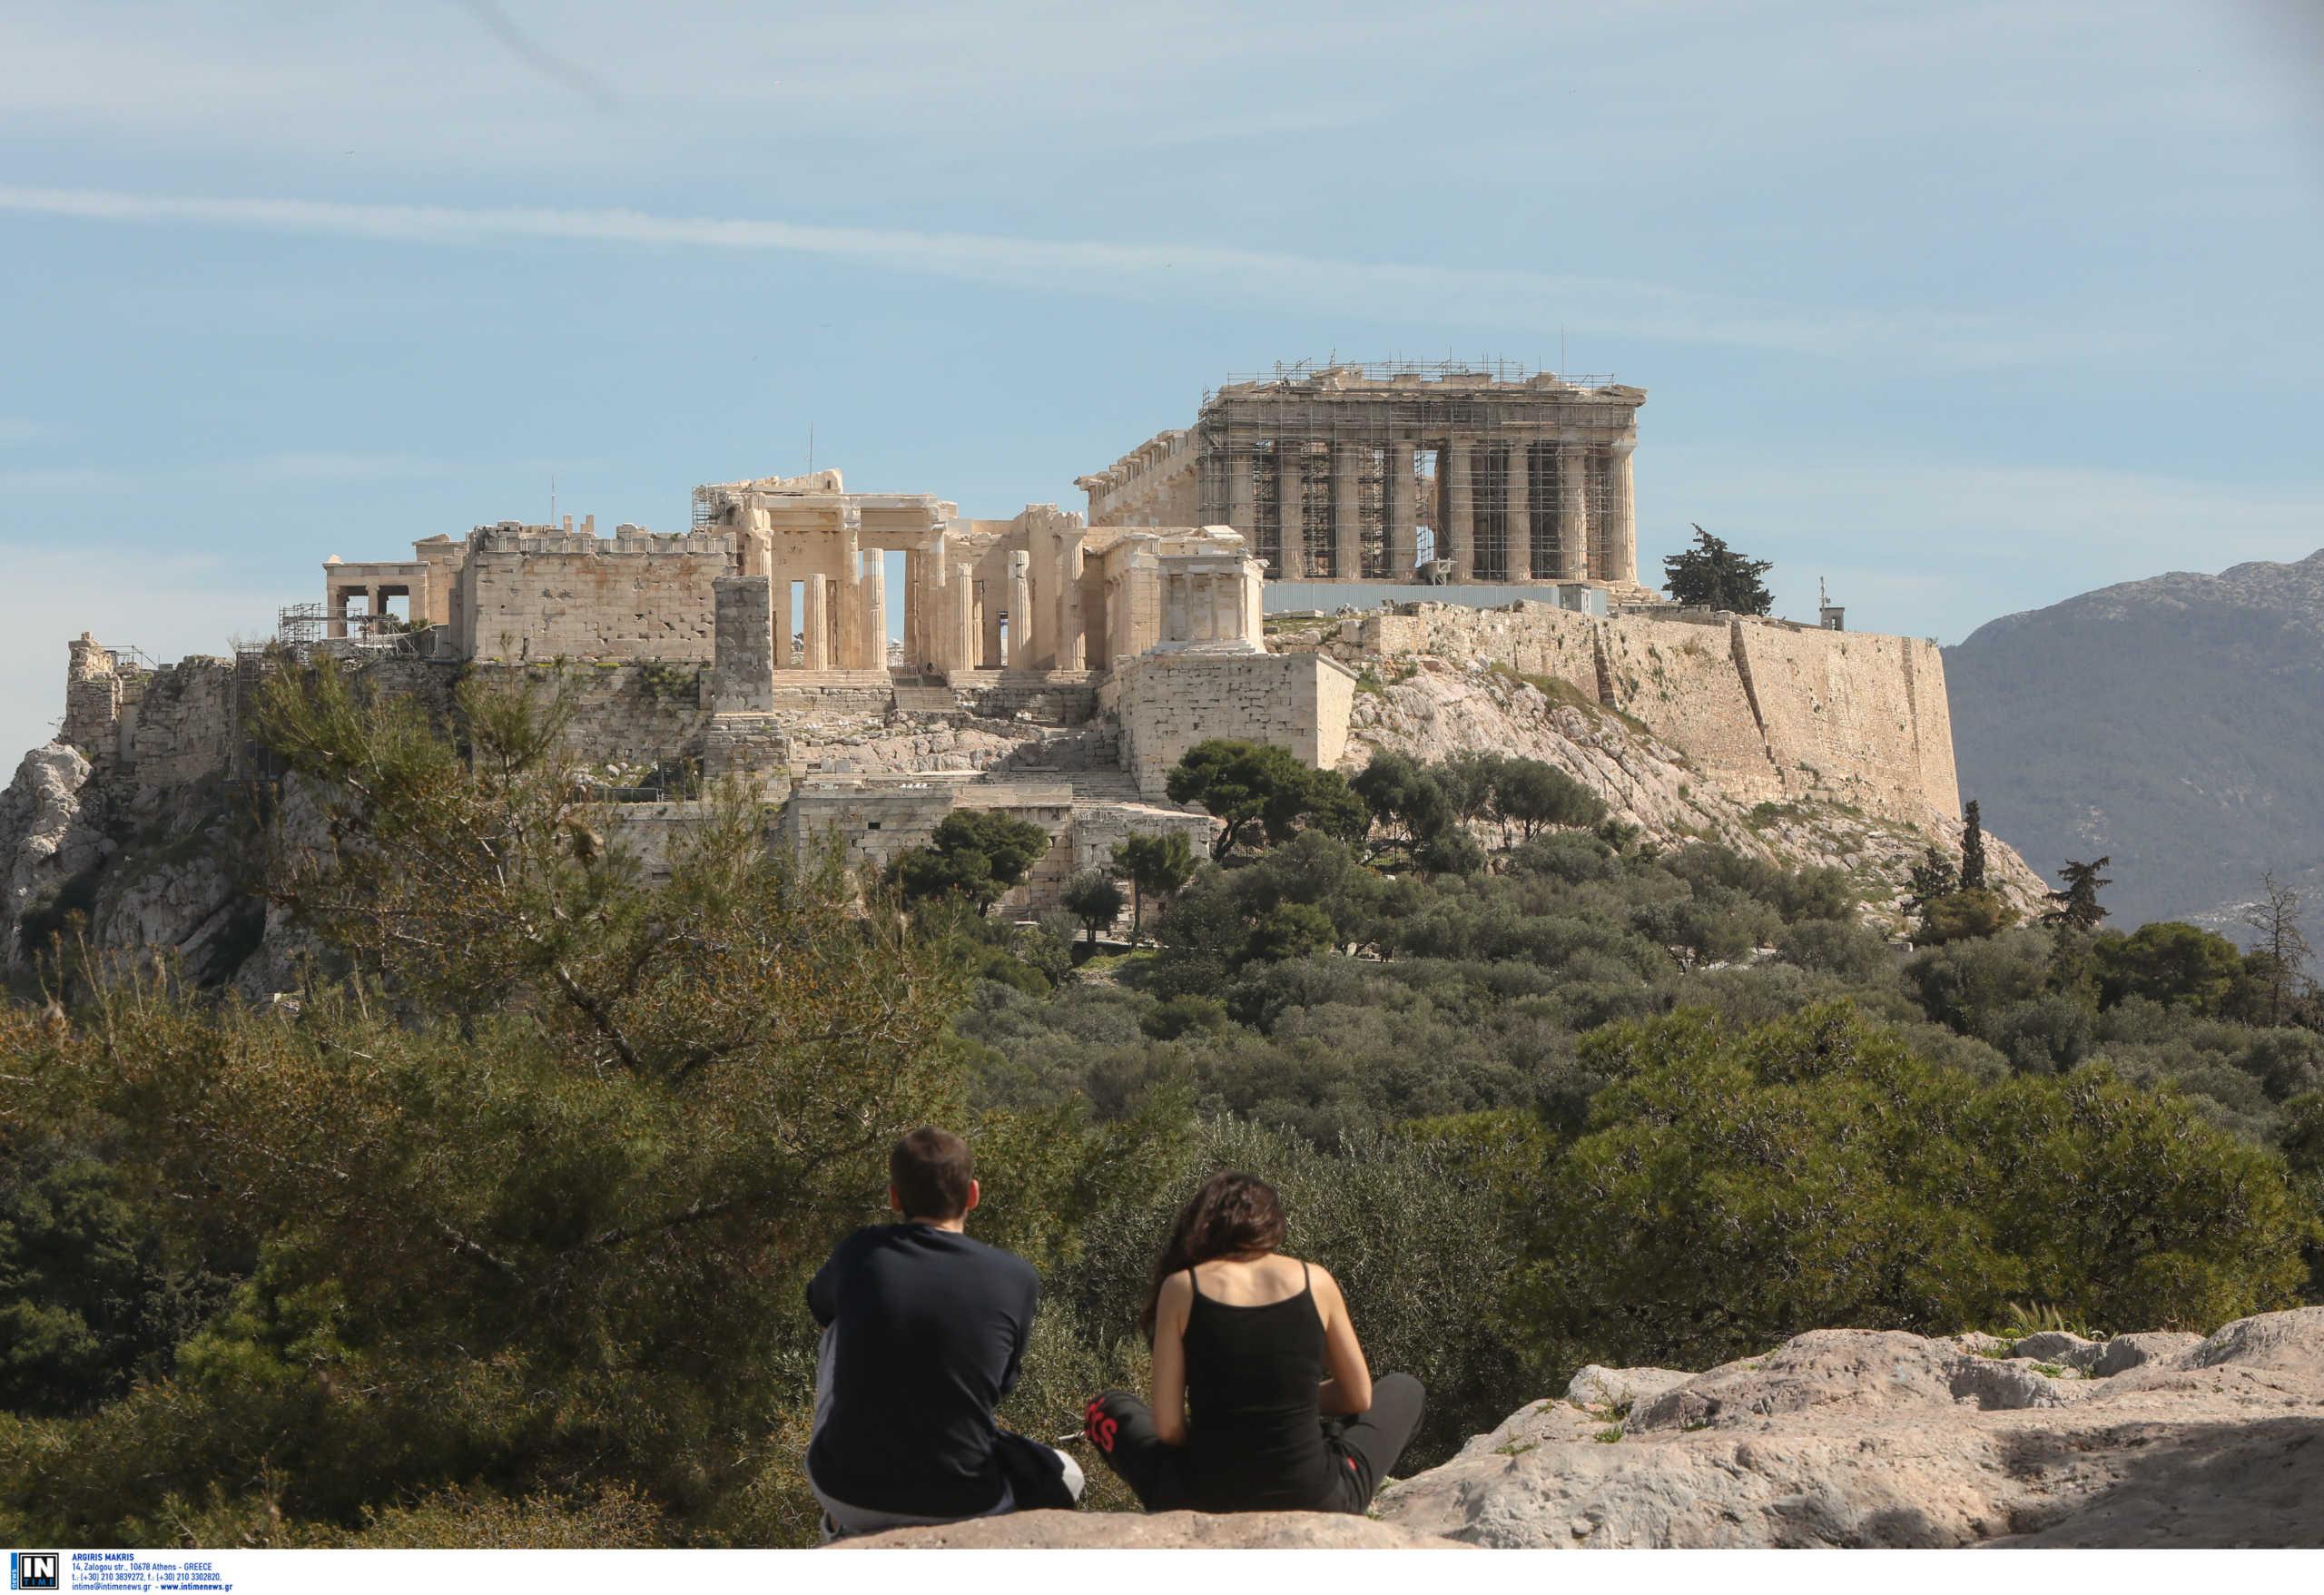 Κορονοϊός: Η απαγόρευση κυκλοφορίας μείωσε την ατμοσφαιρική ρύπανση στην Αθήνα